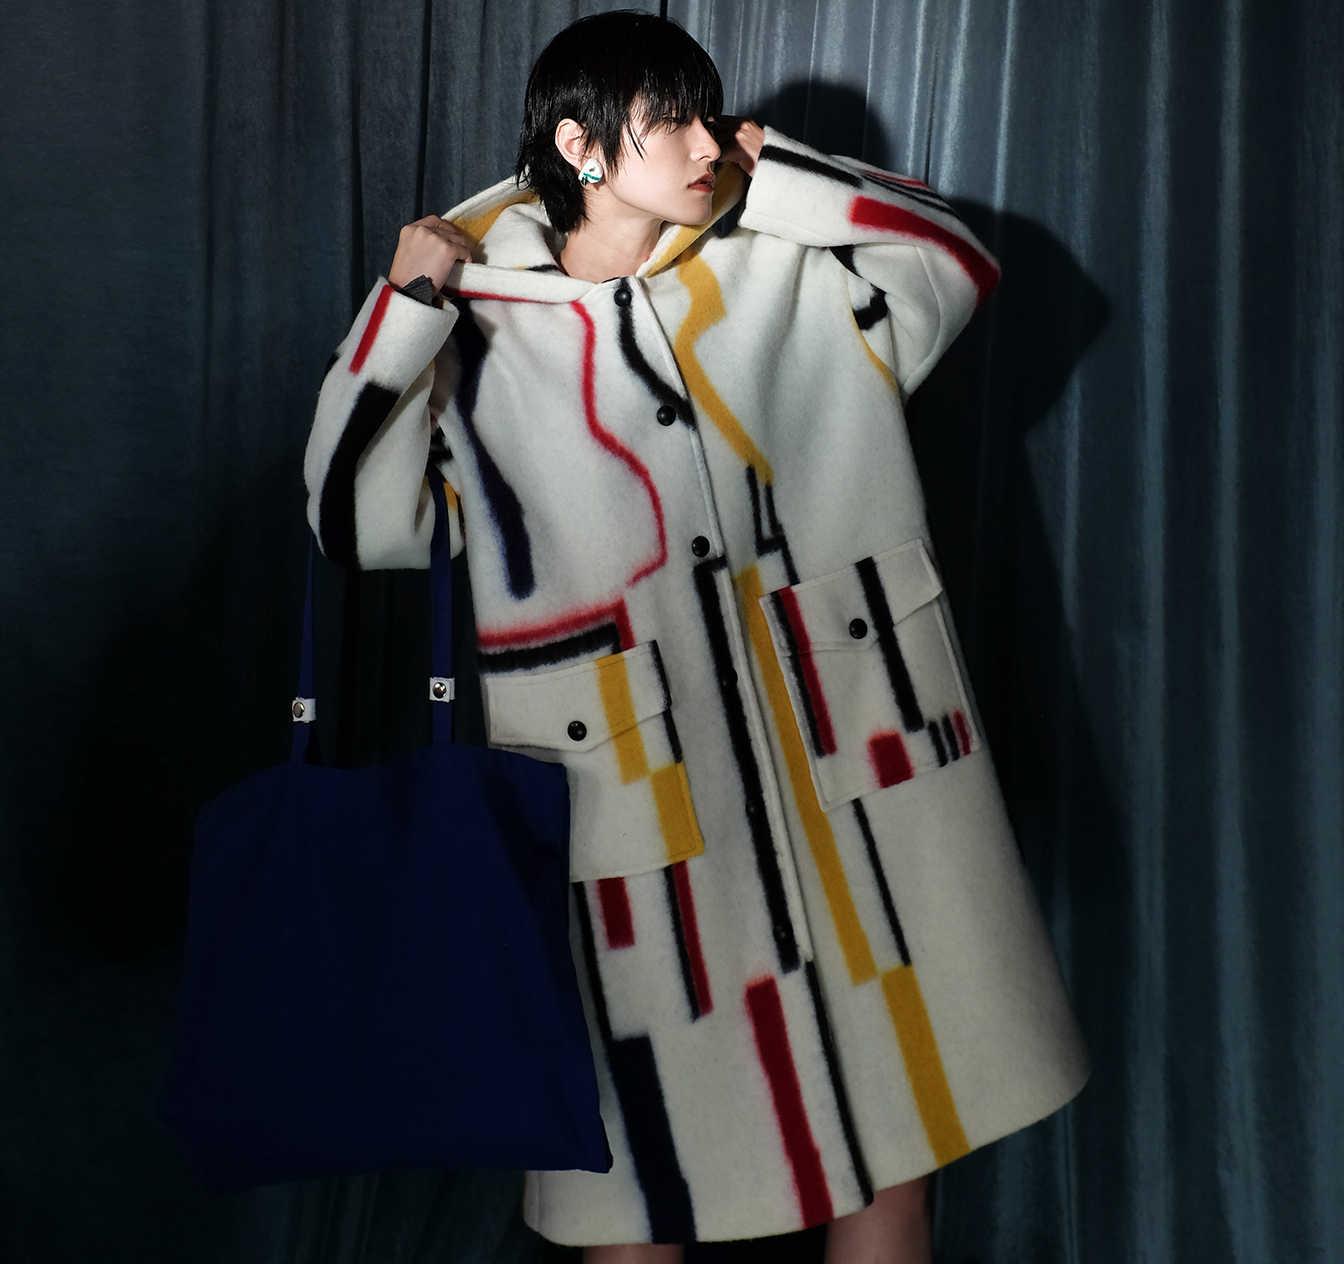 2018 зимняя Дизайнерская верхняя одежда Европа High Street Модные теплые с  капюшоном овечья шерсть высокого класса f89418c3a7c